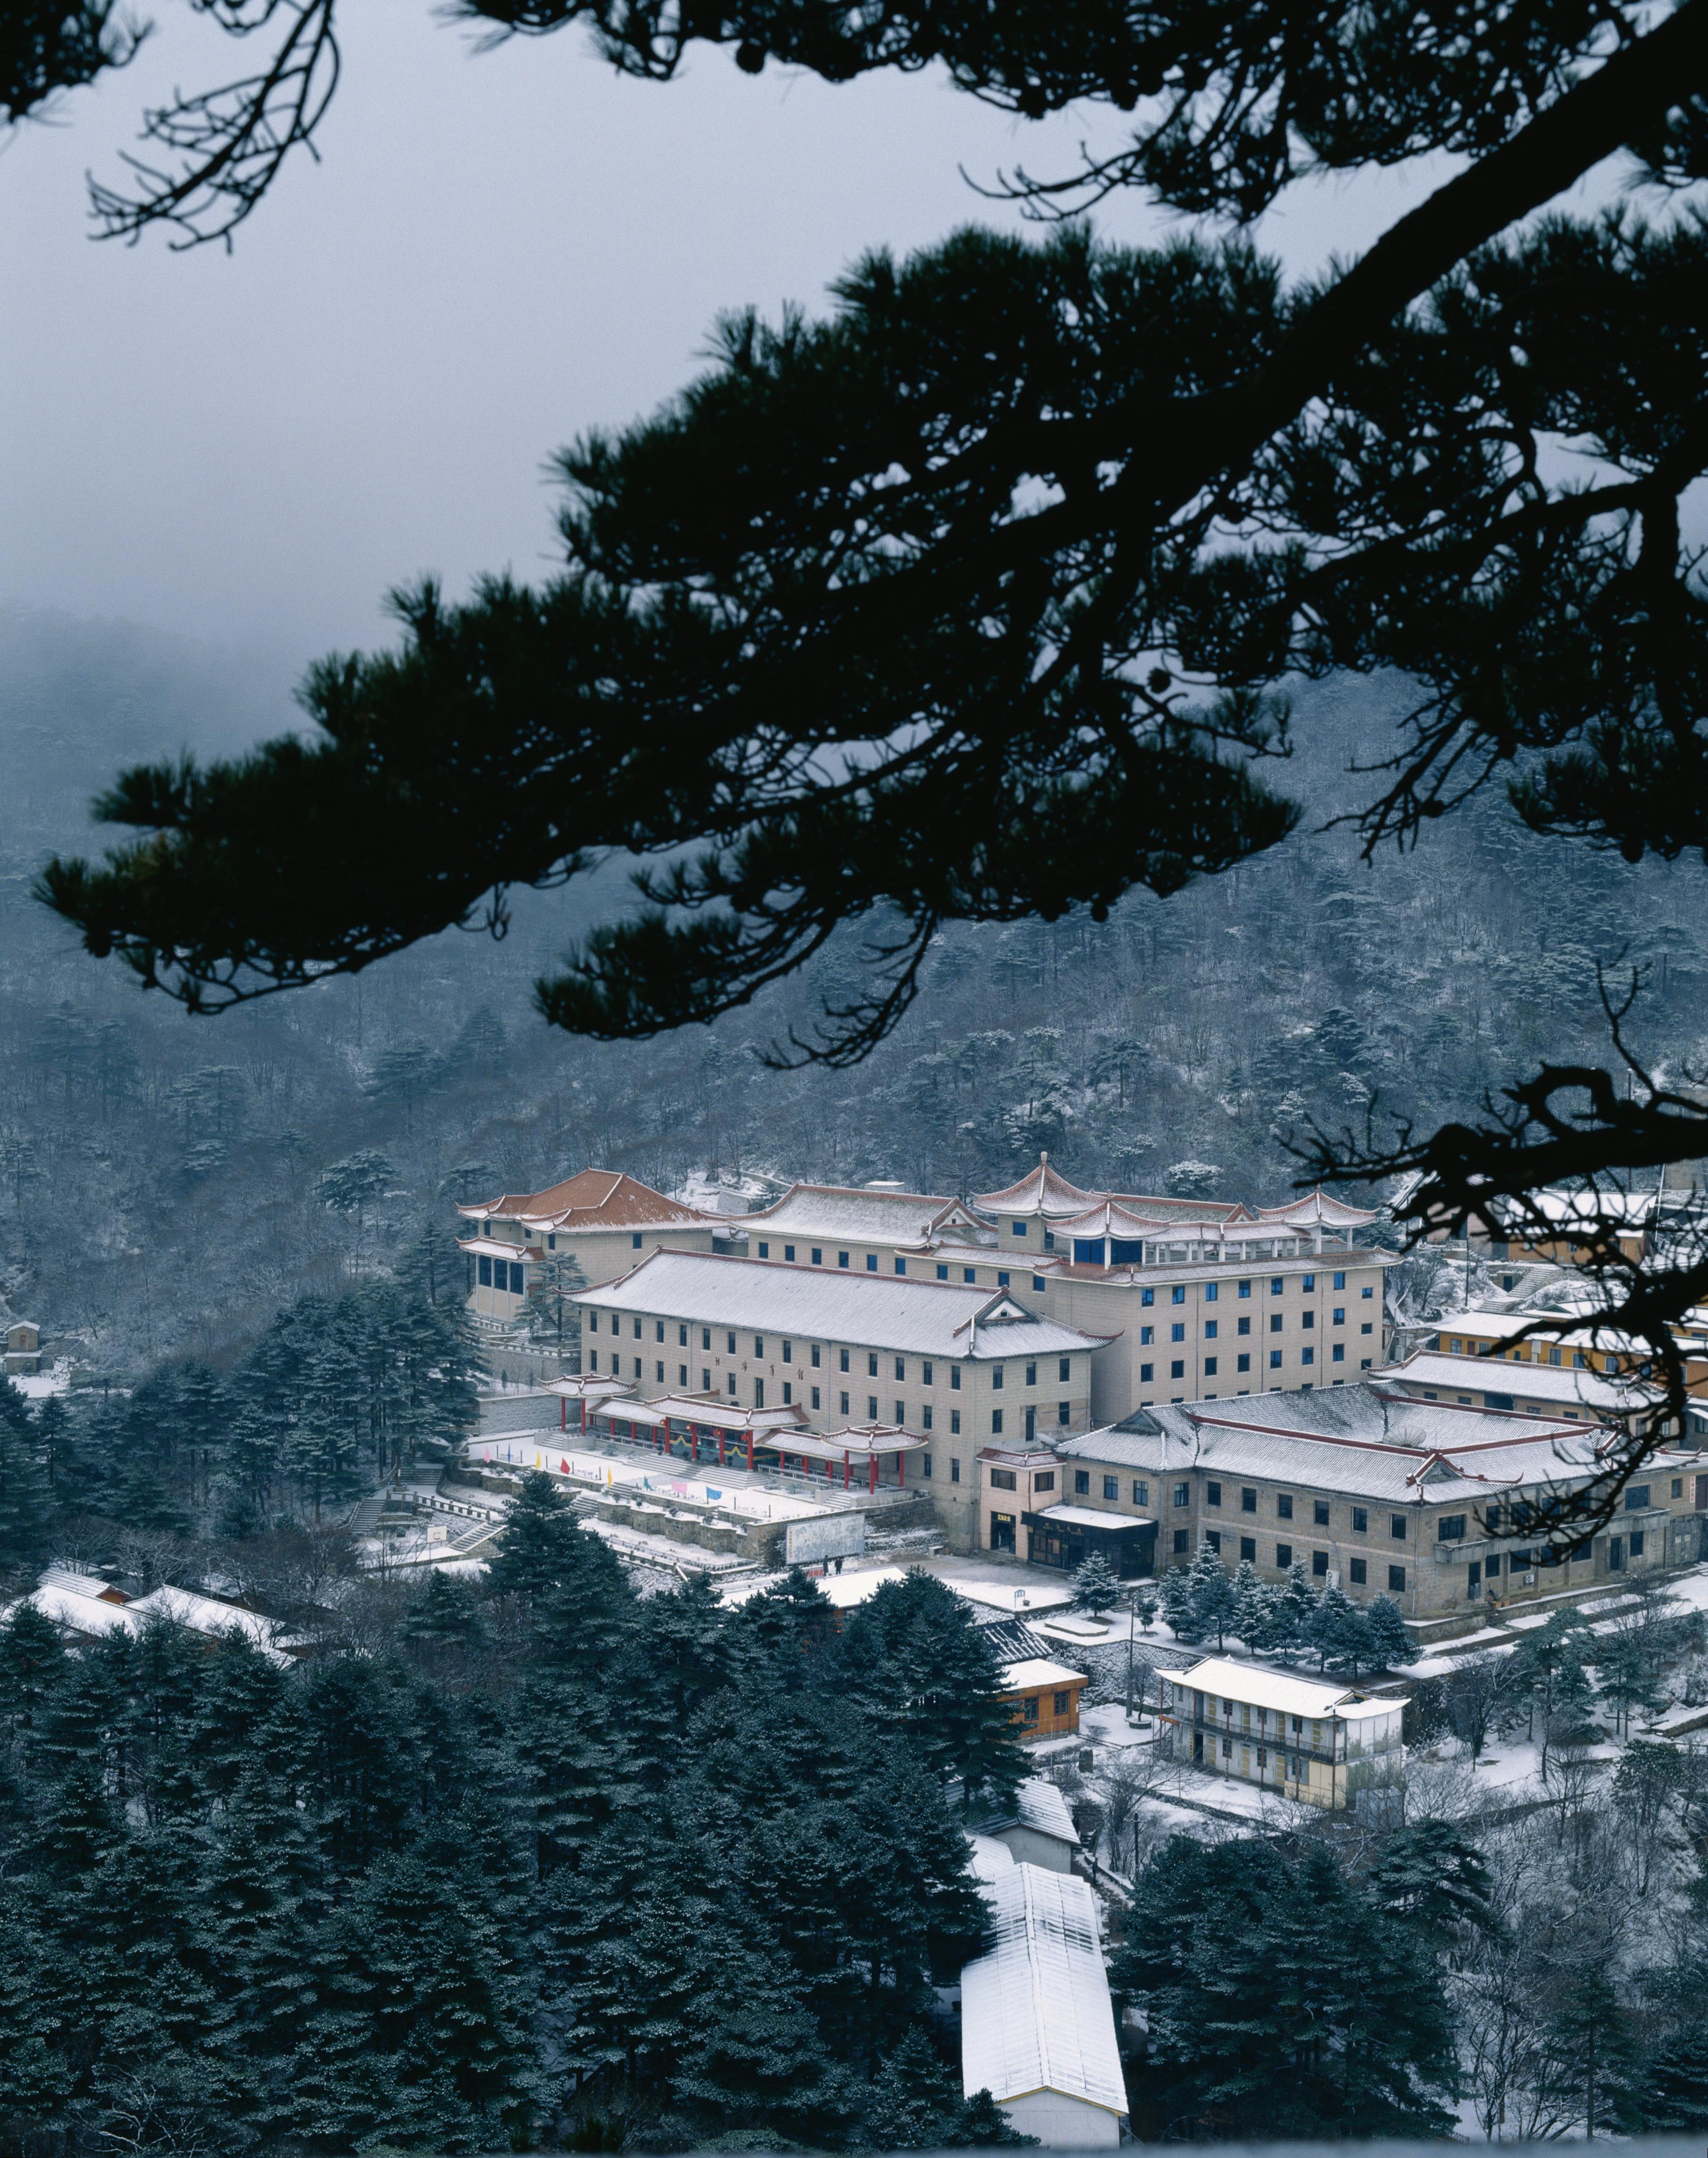 Блоги. Горная природа Китая. природа, этого, страдаетдаже, наоборот, ltmore, ухаживается, много, просто, Китайсыкетайсцыкругом, здравствуйте, китайцы, нации, определениепотому, актуальное, привет